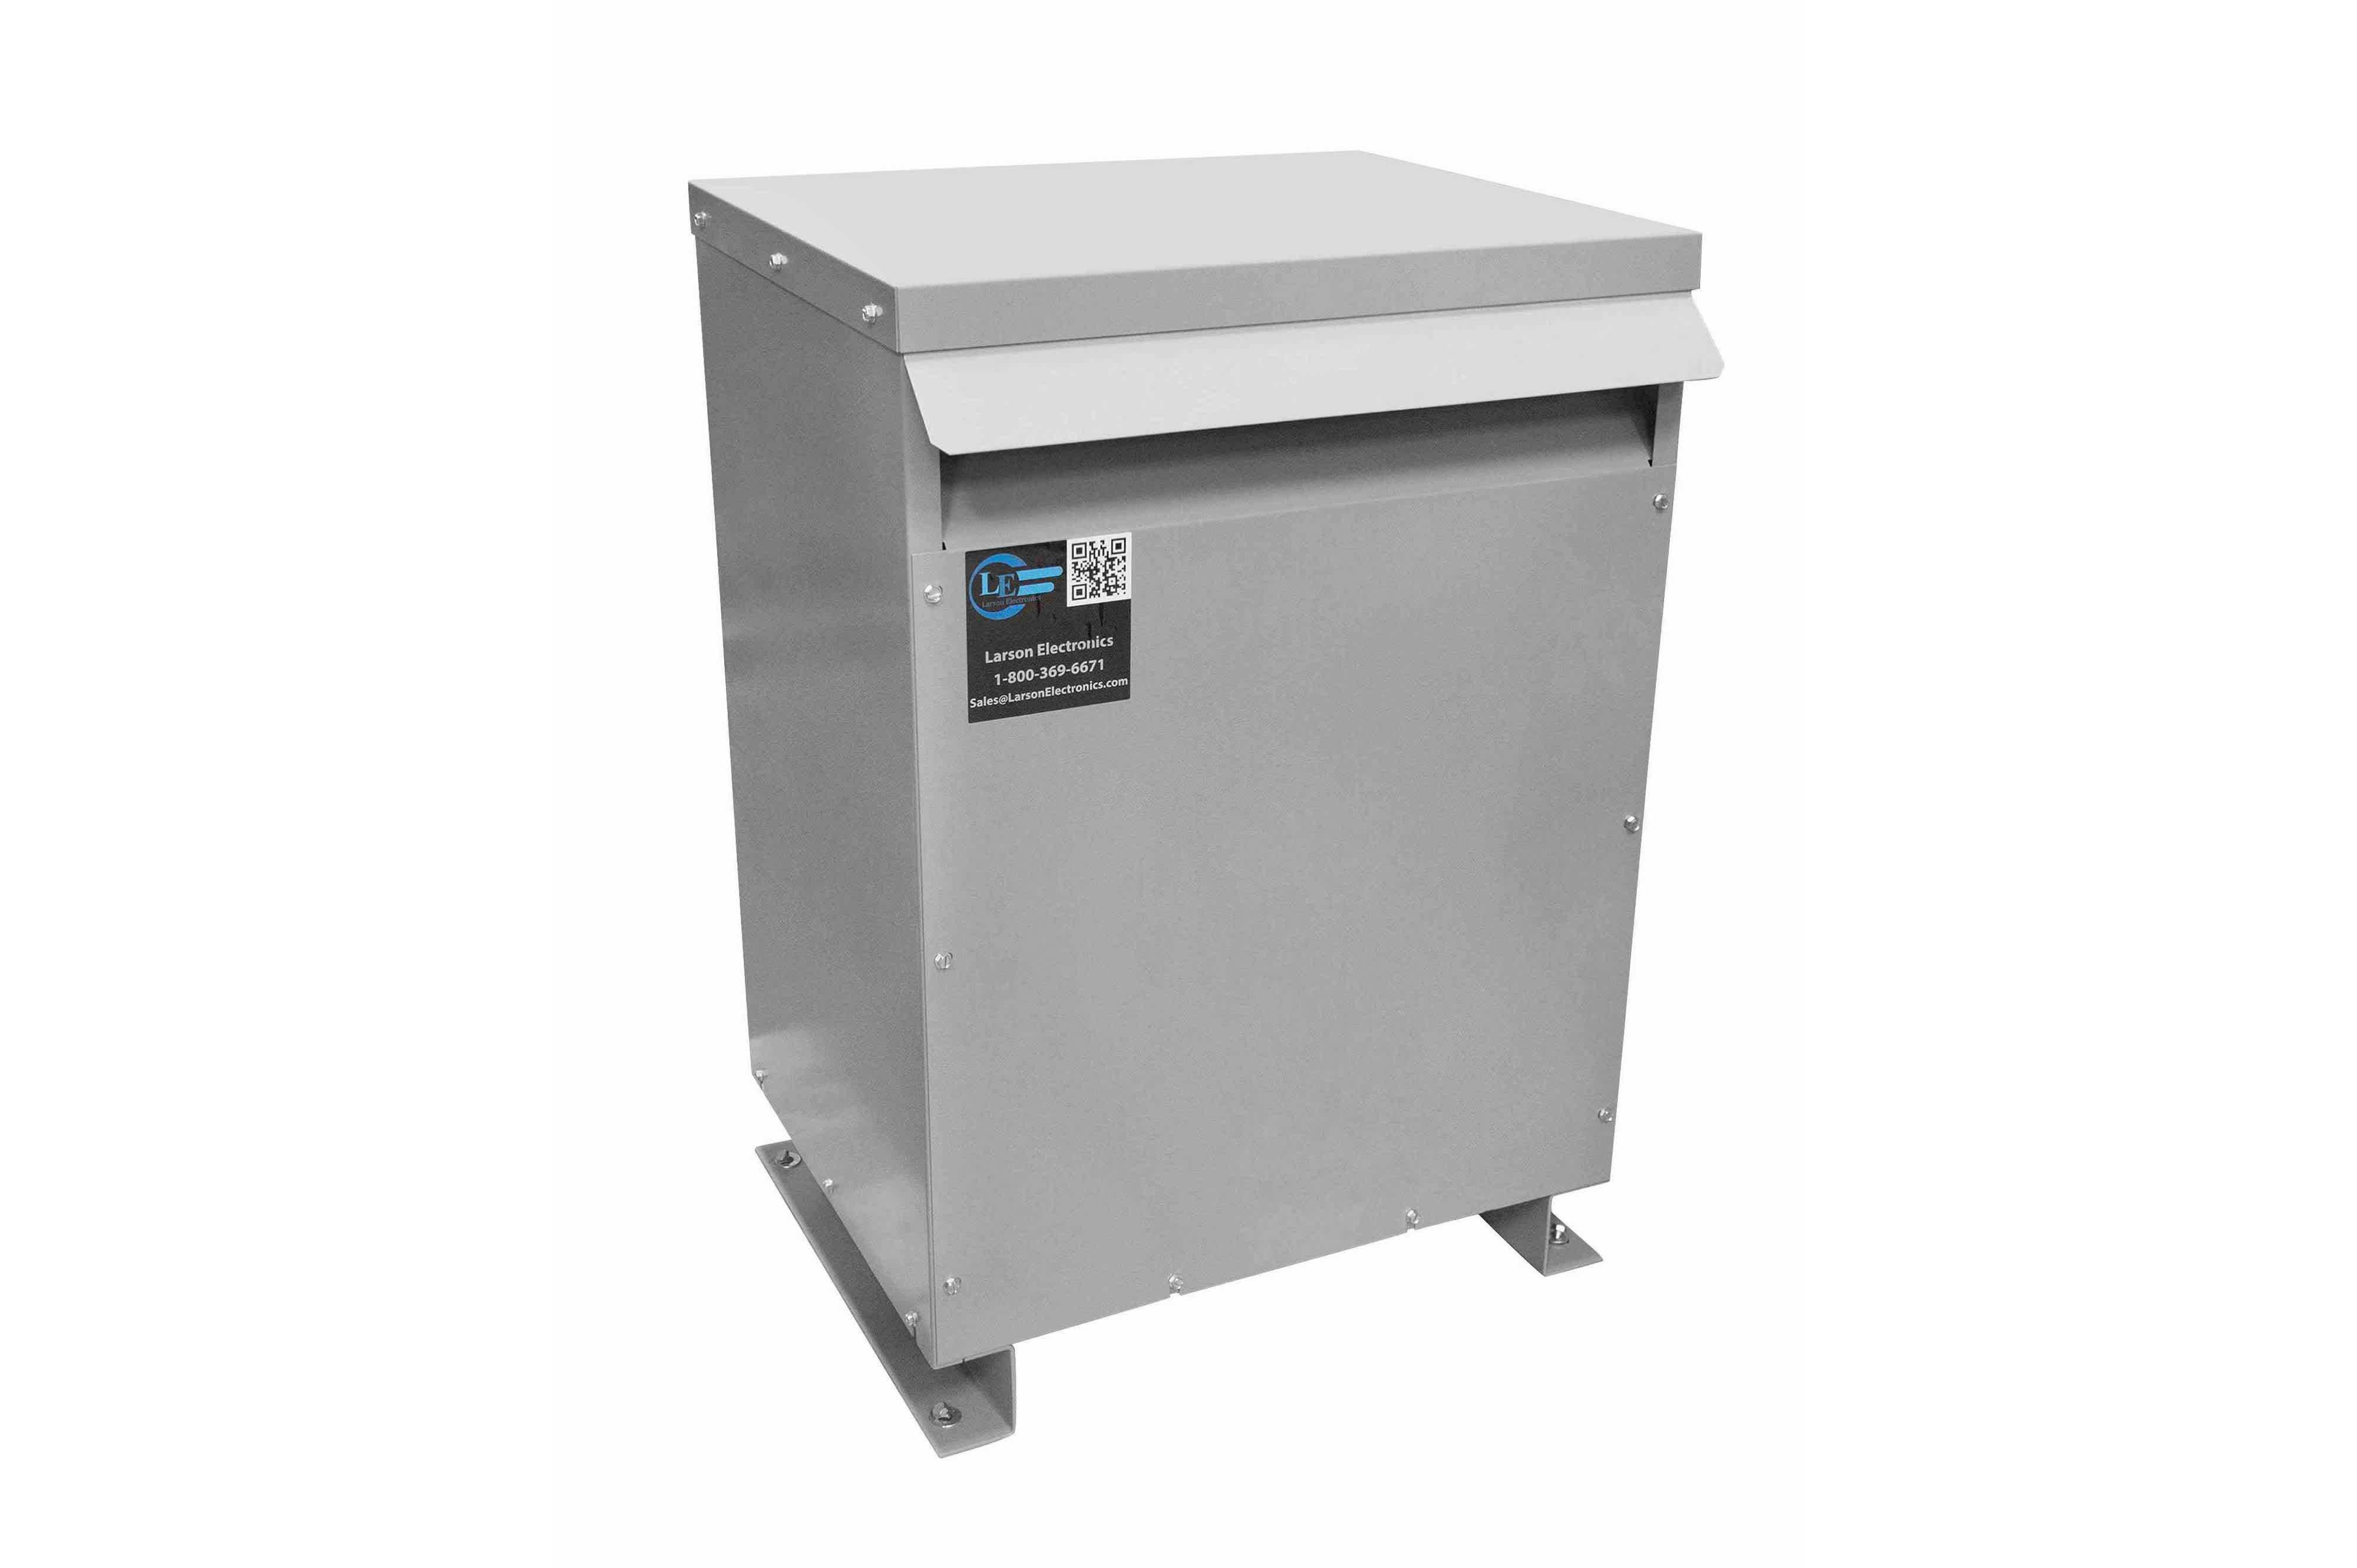 37.5 kVA 3PH Isolation Transformer, 480V Delta Primary, 600V Delta Secondary, N3R, Ventilated, 60 Hz